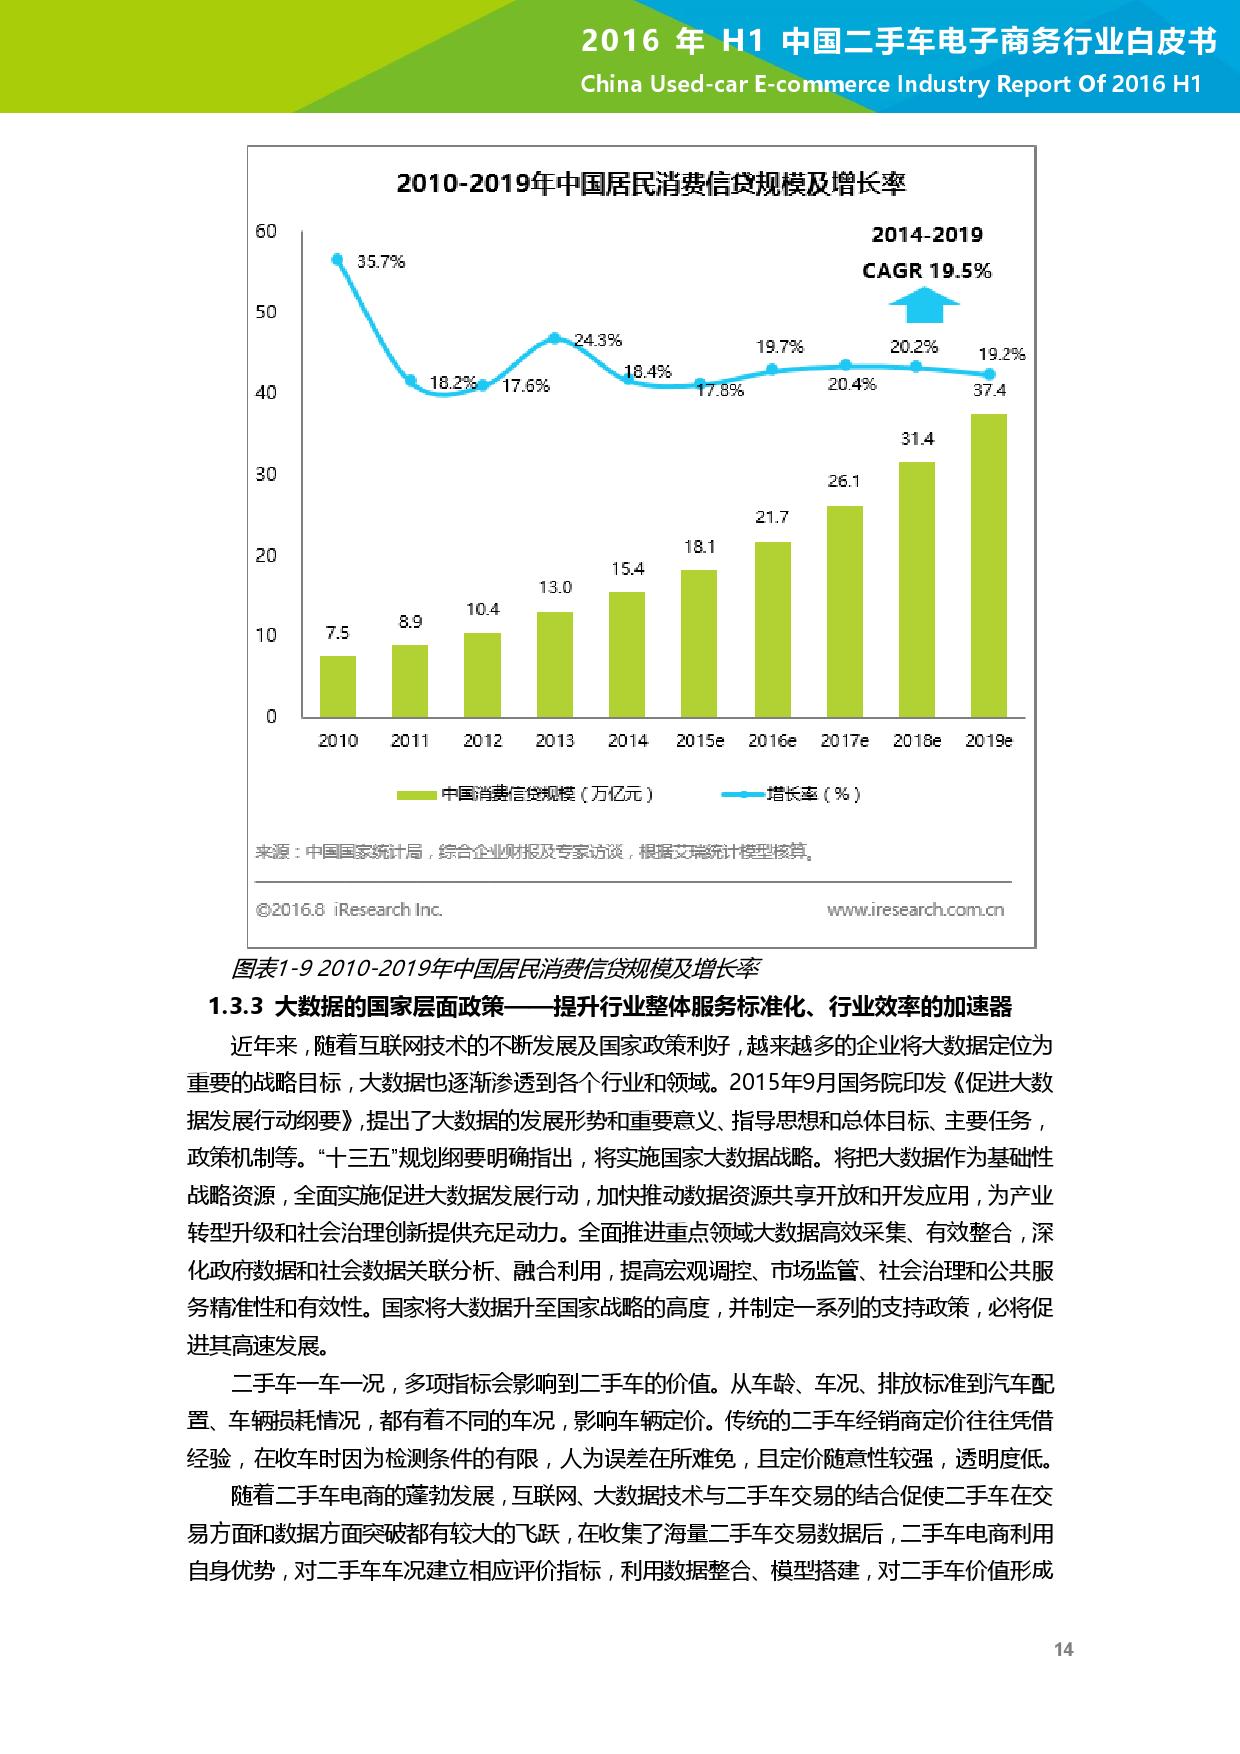 2016年H1中国二手车电子商务行业白皮书_000015